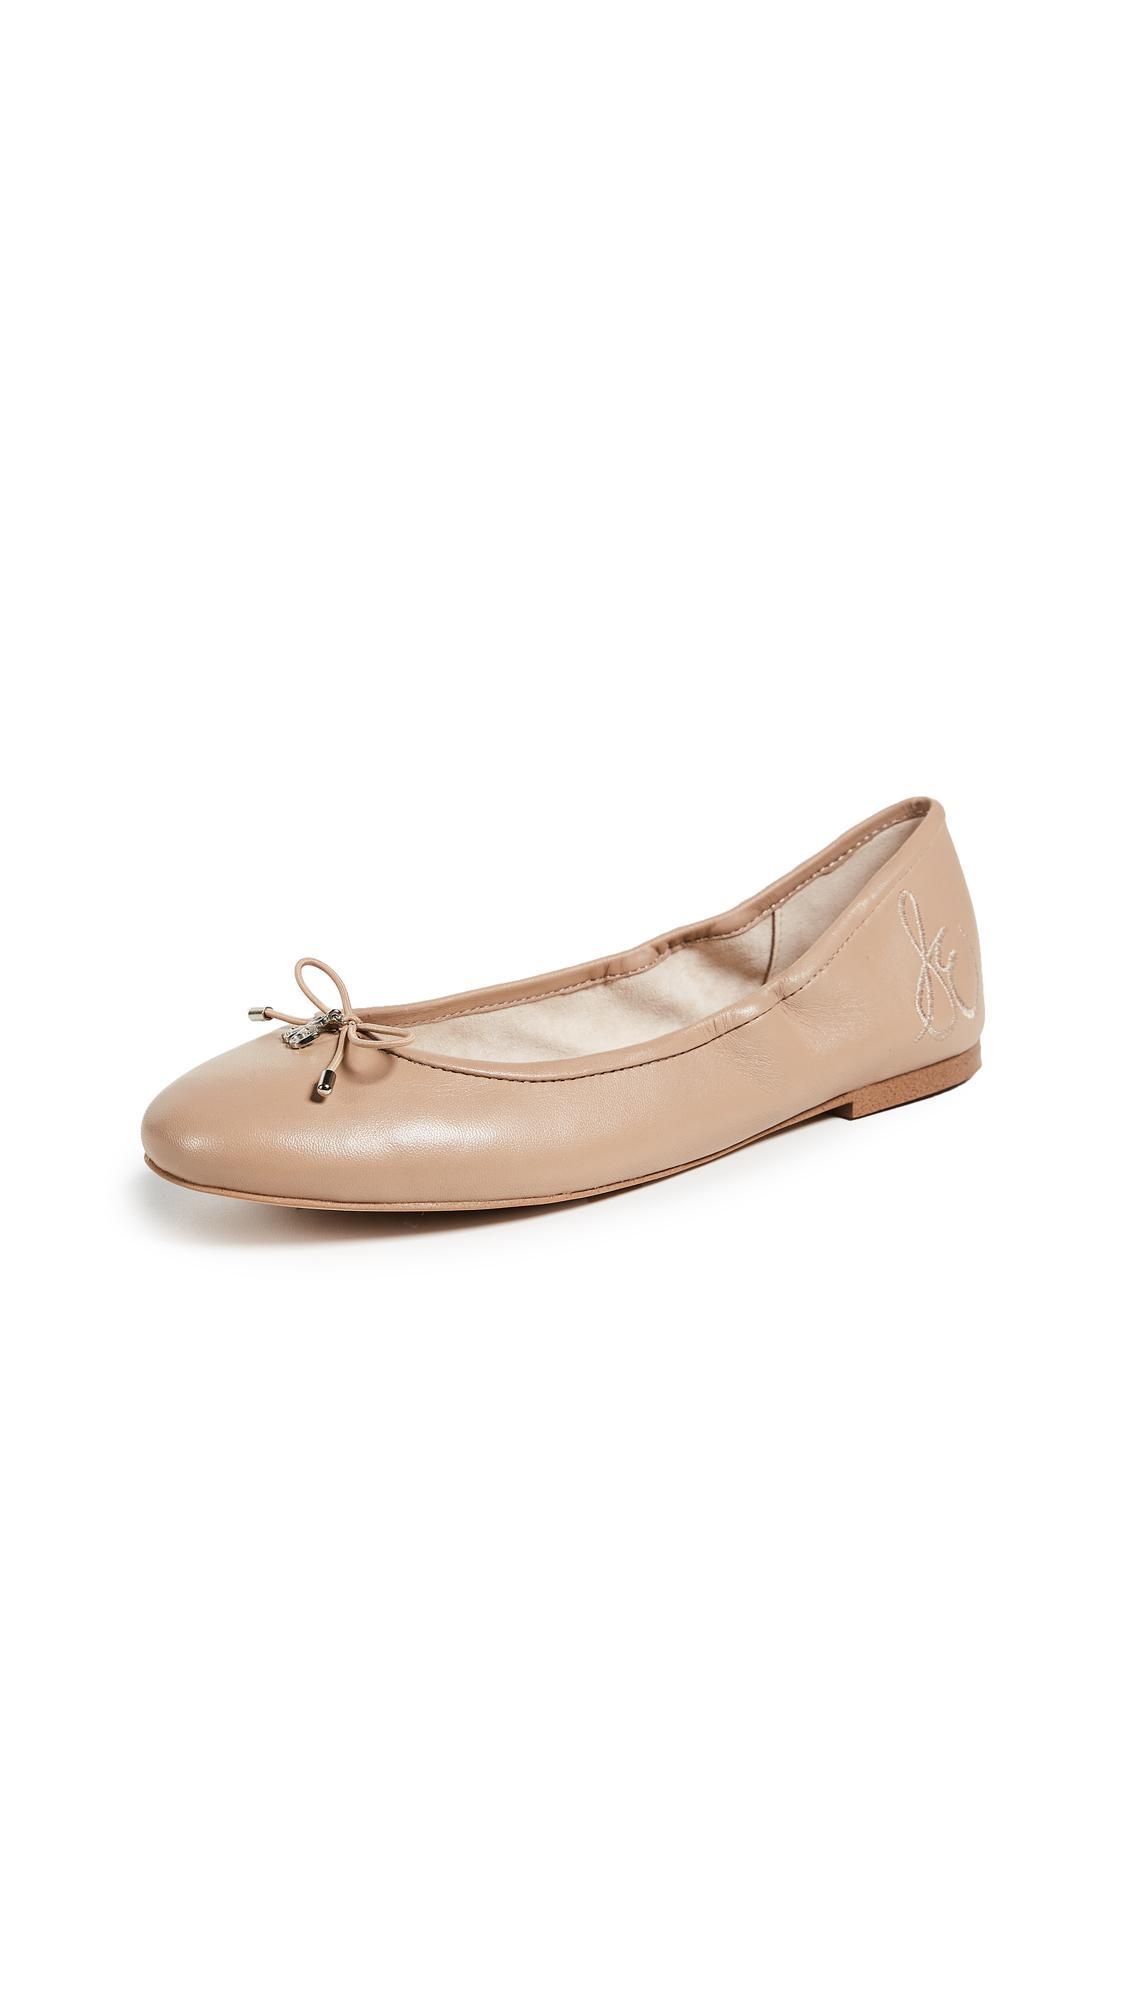 b5d95c7f064 Sam Edelman - Natural Felicia Ballet Flats - Lyst. View fullscreen